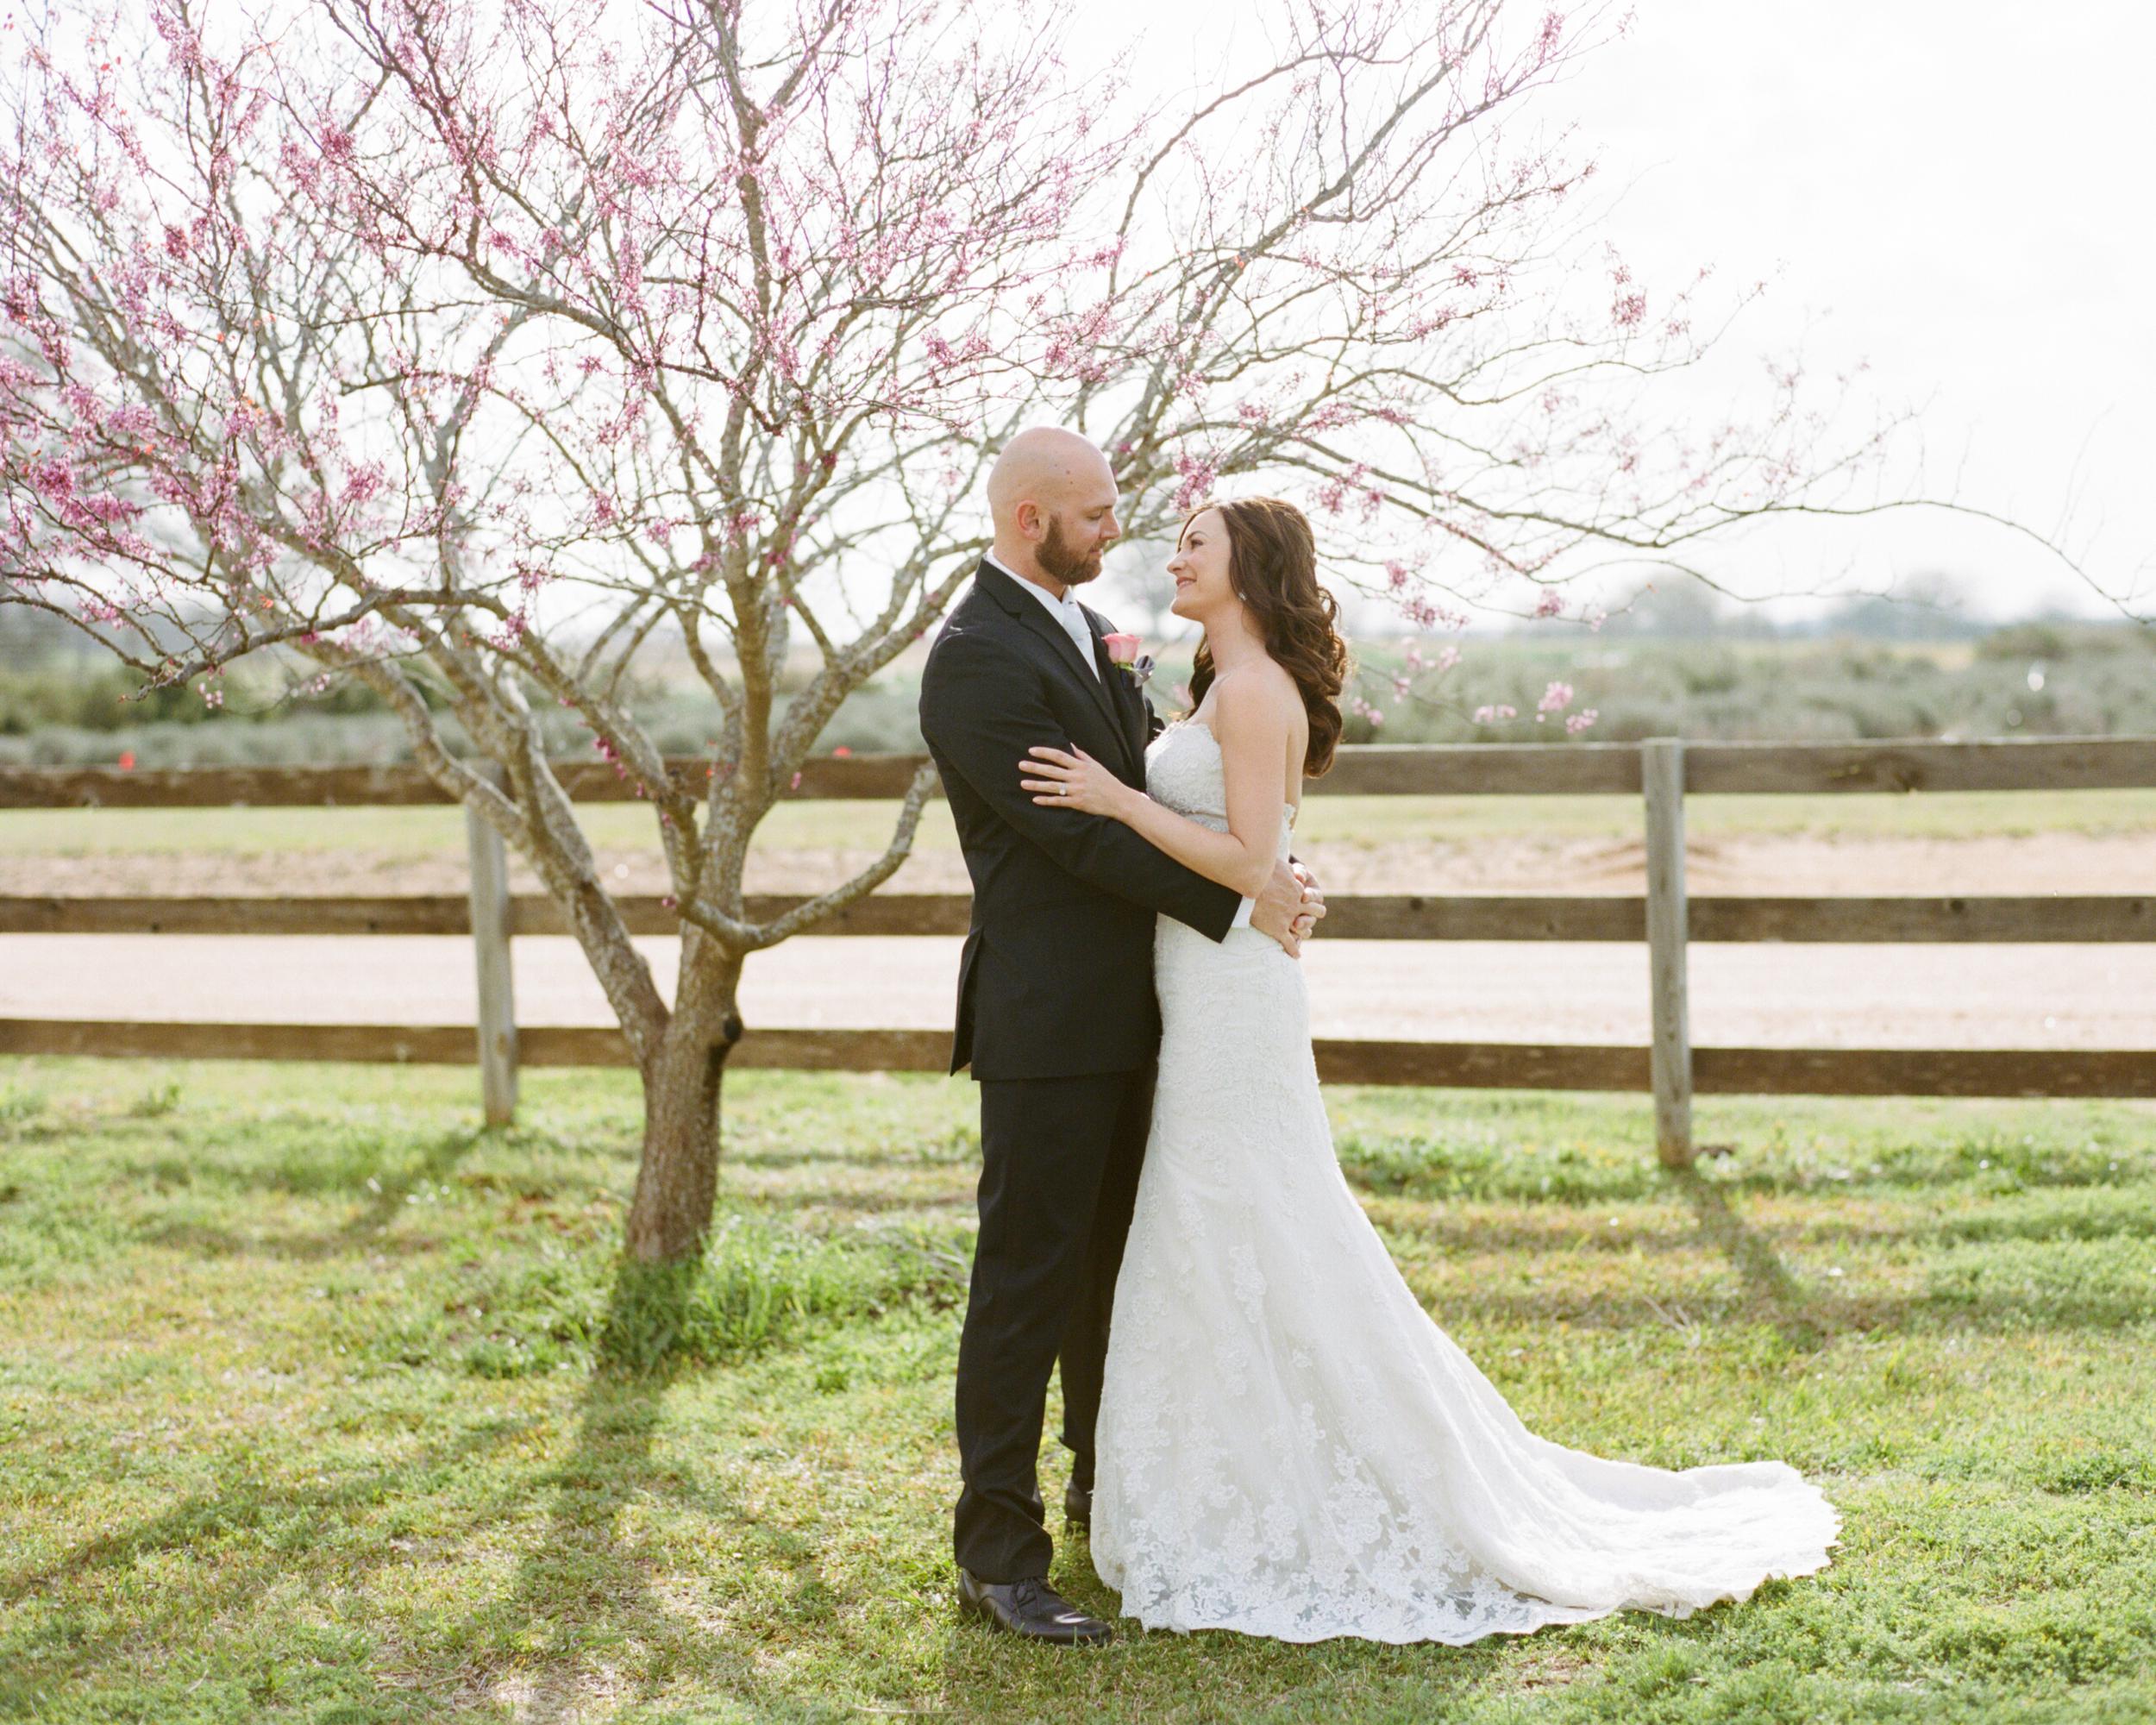 Fredericksburg Texas Wedding Photography